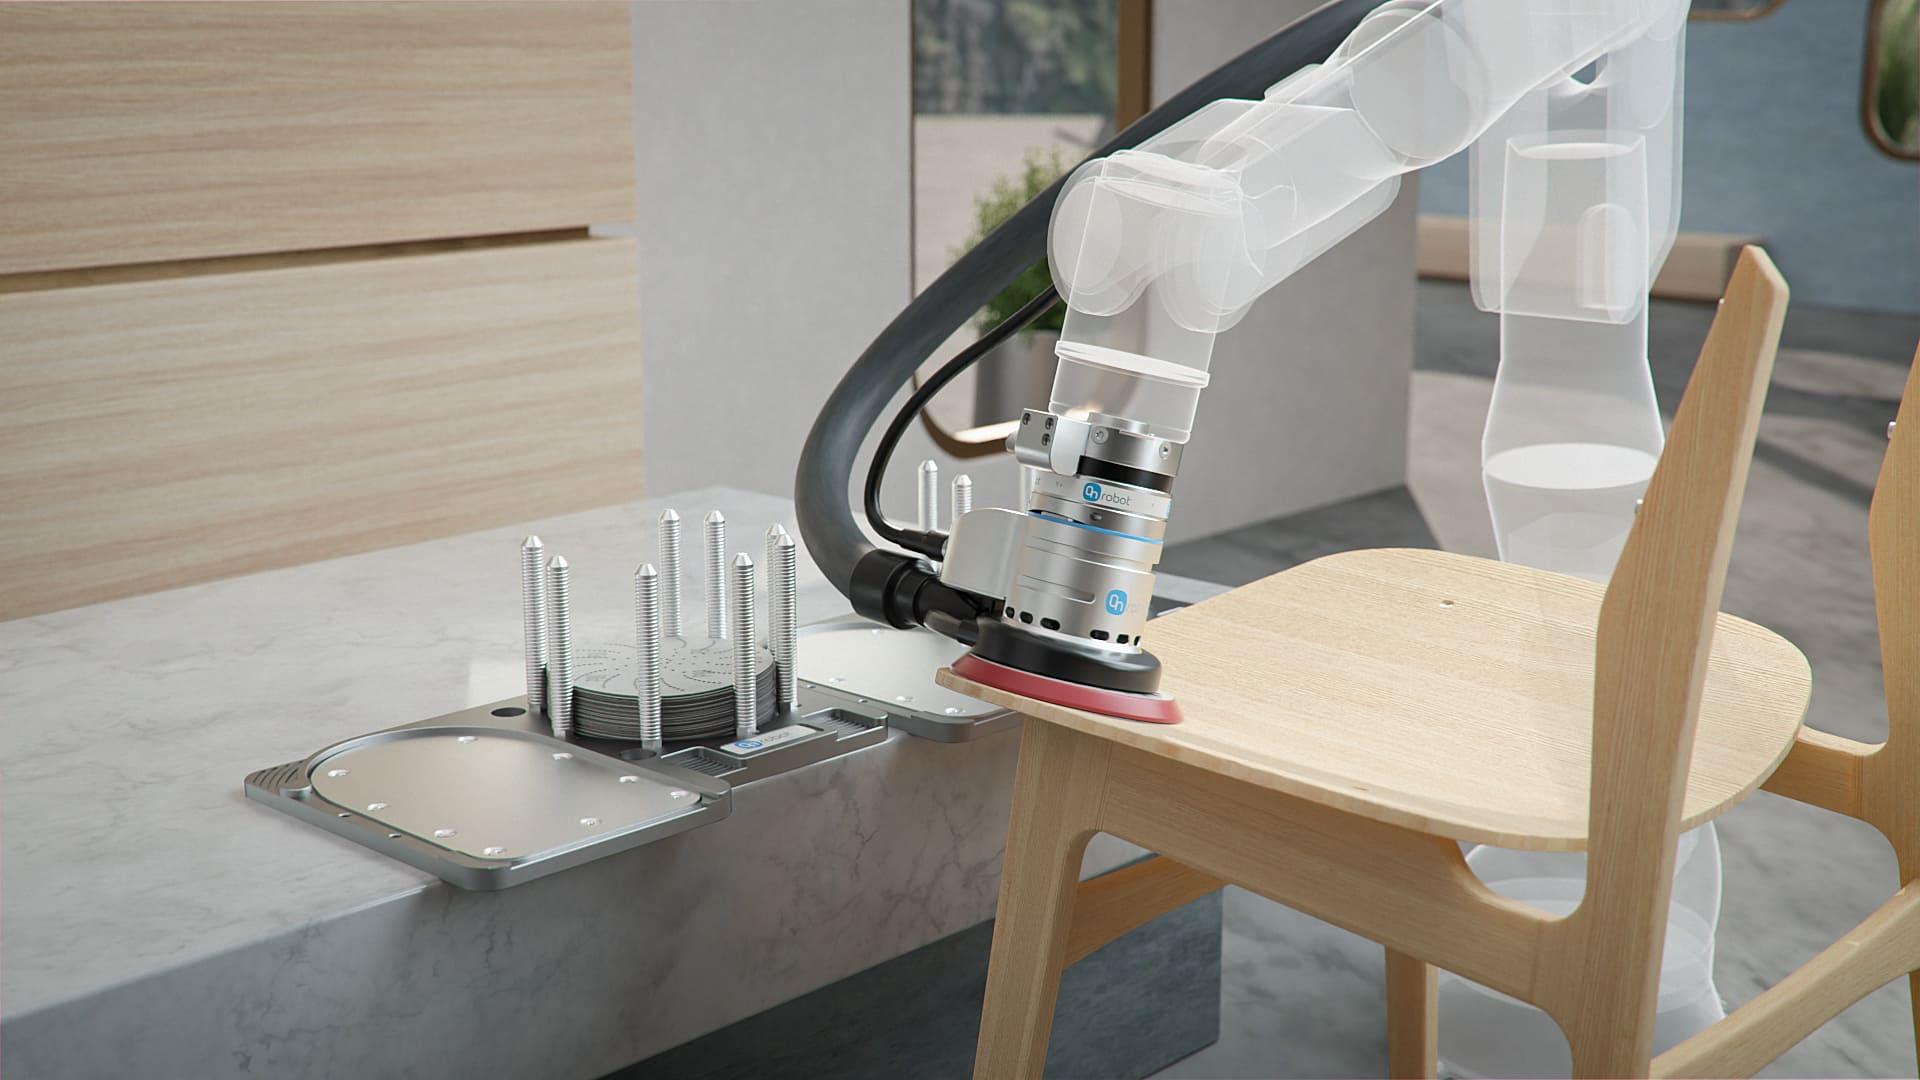 開箱即用的全新機器人研磨工具OnRobot Sander,簡化部署流程提升效益